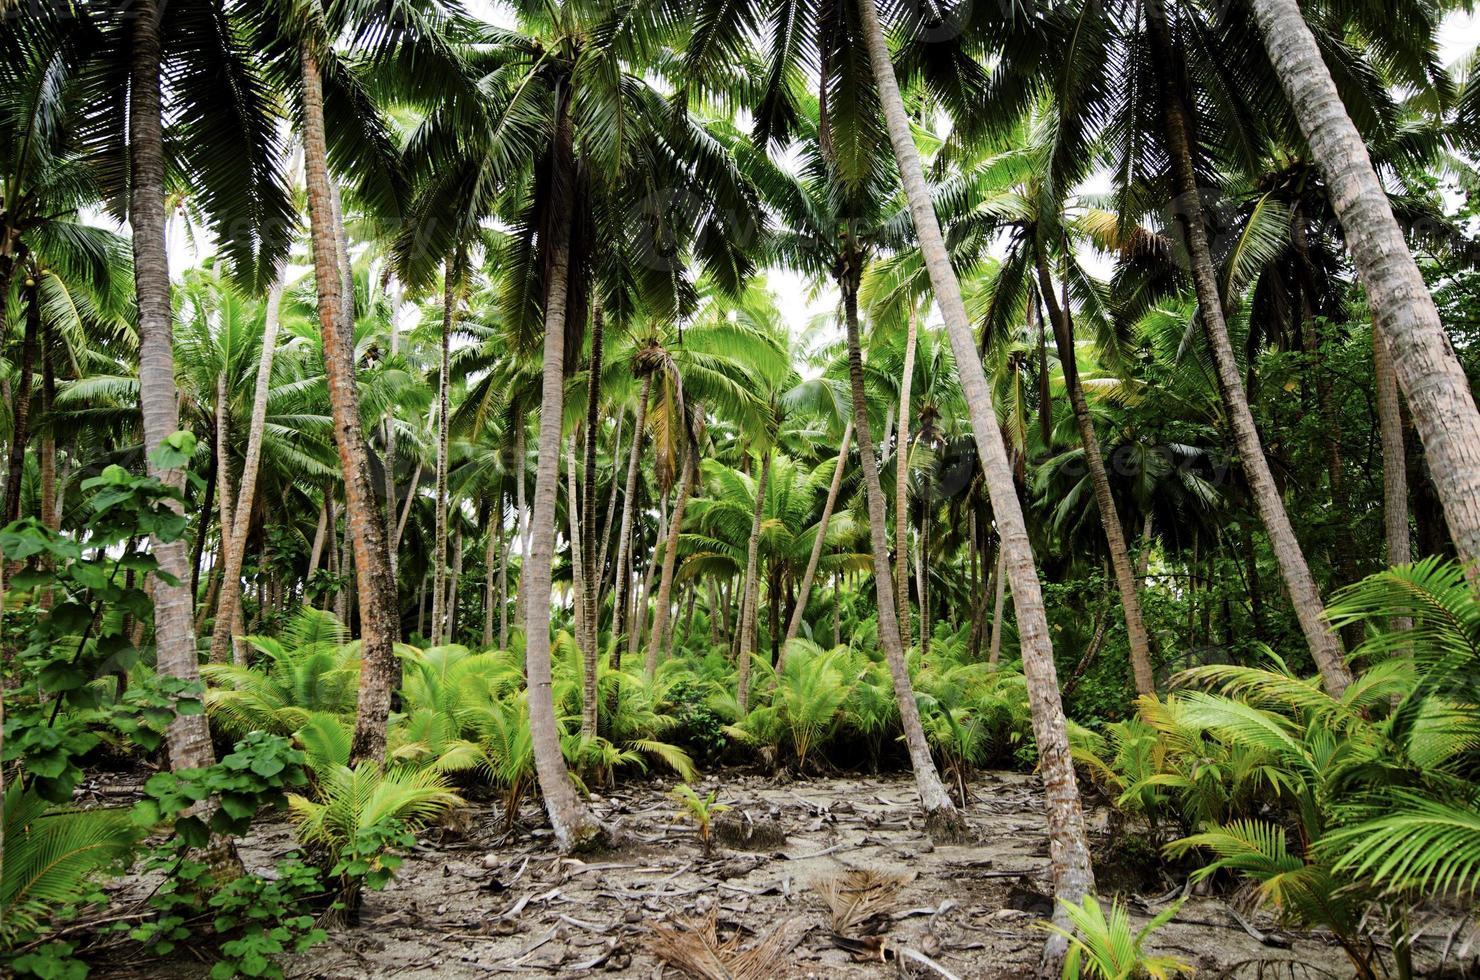 södra Stillahavsområdet djungel foto